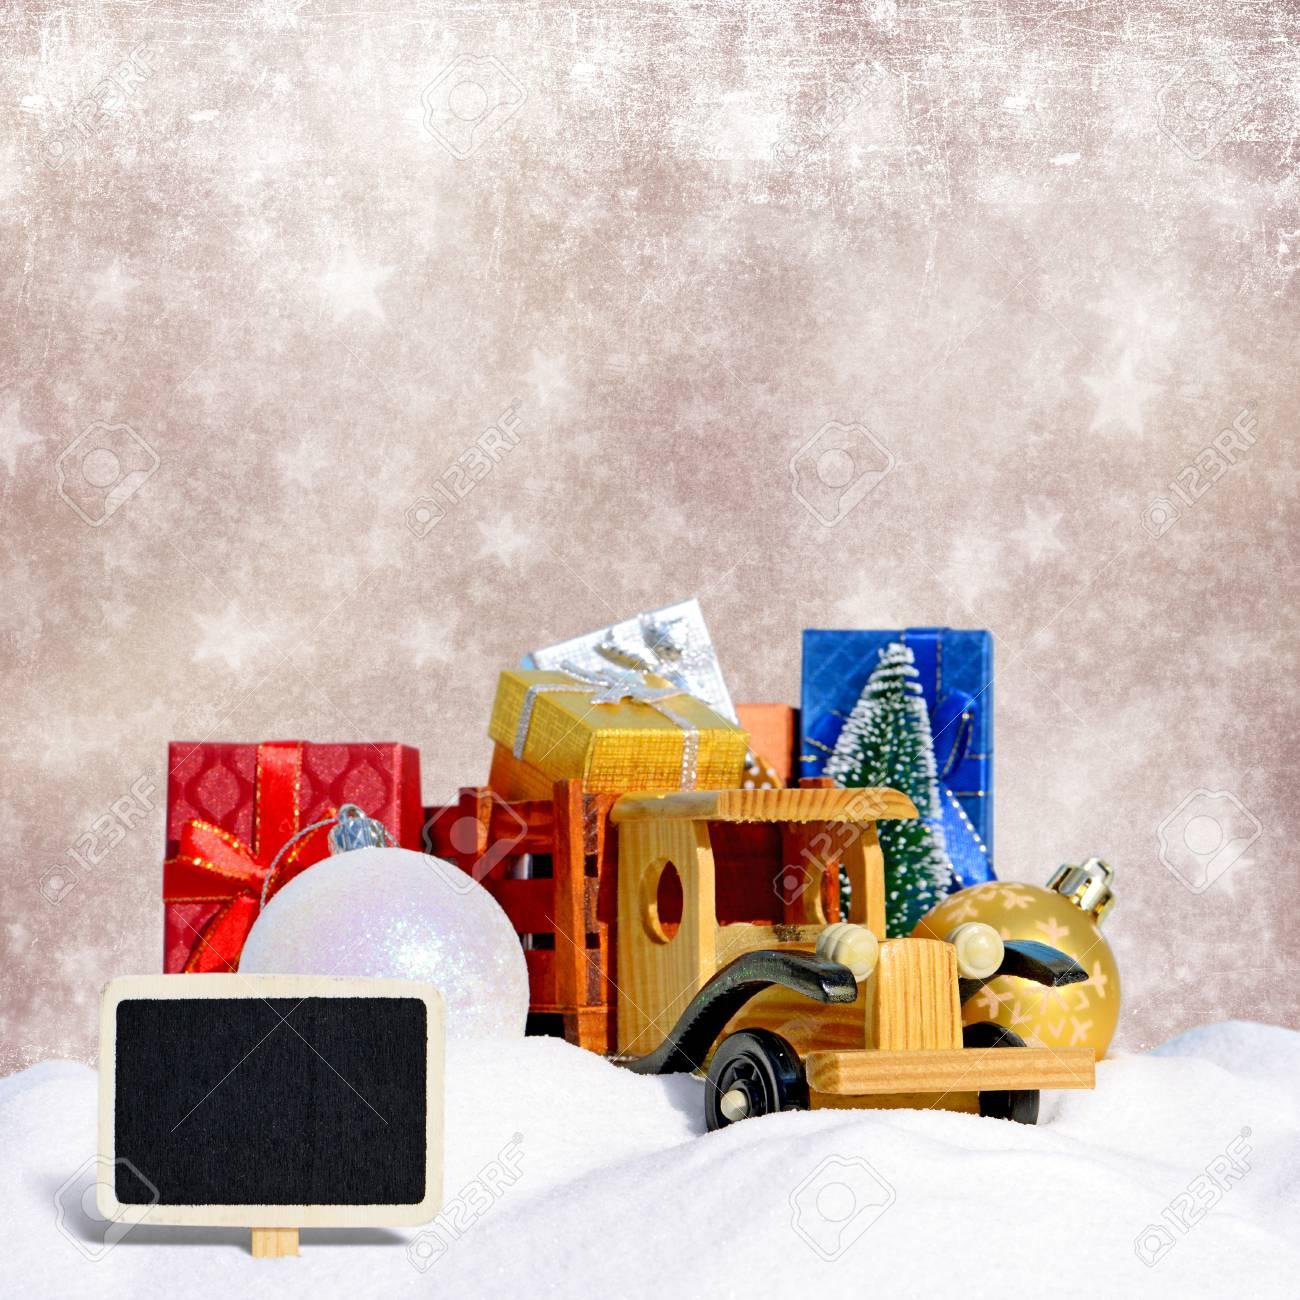 Comme Avec De Jouet Des Fond Voiture Neige Camion Sapin Boules Noël Et Dans An La CadeauxNouvel 2YH9DeWEI